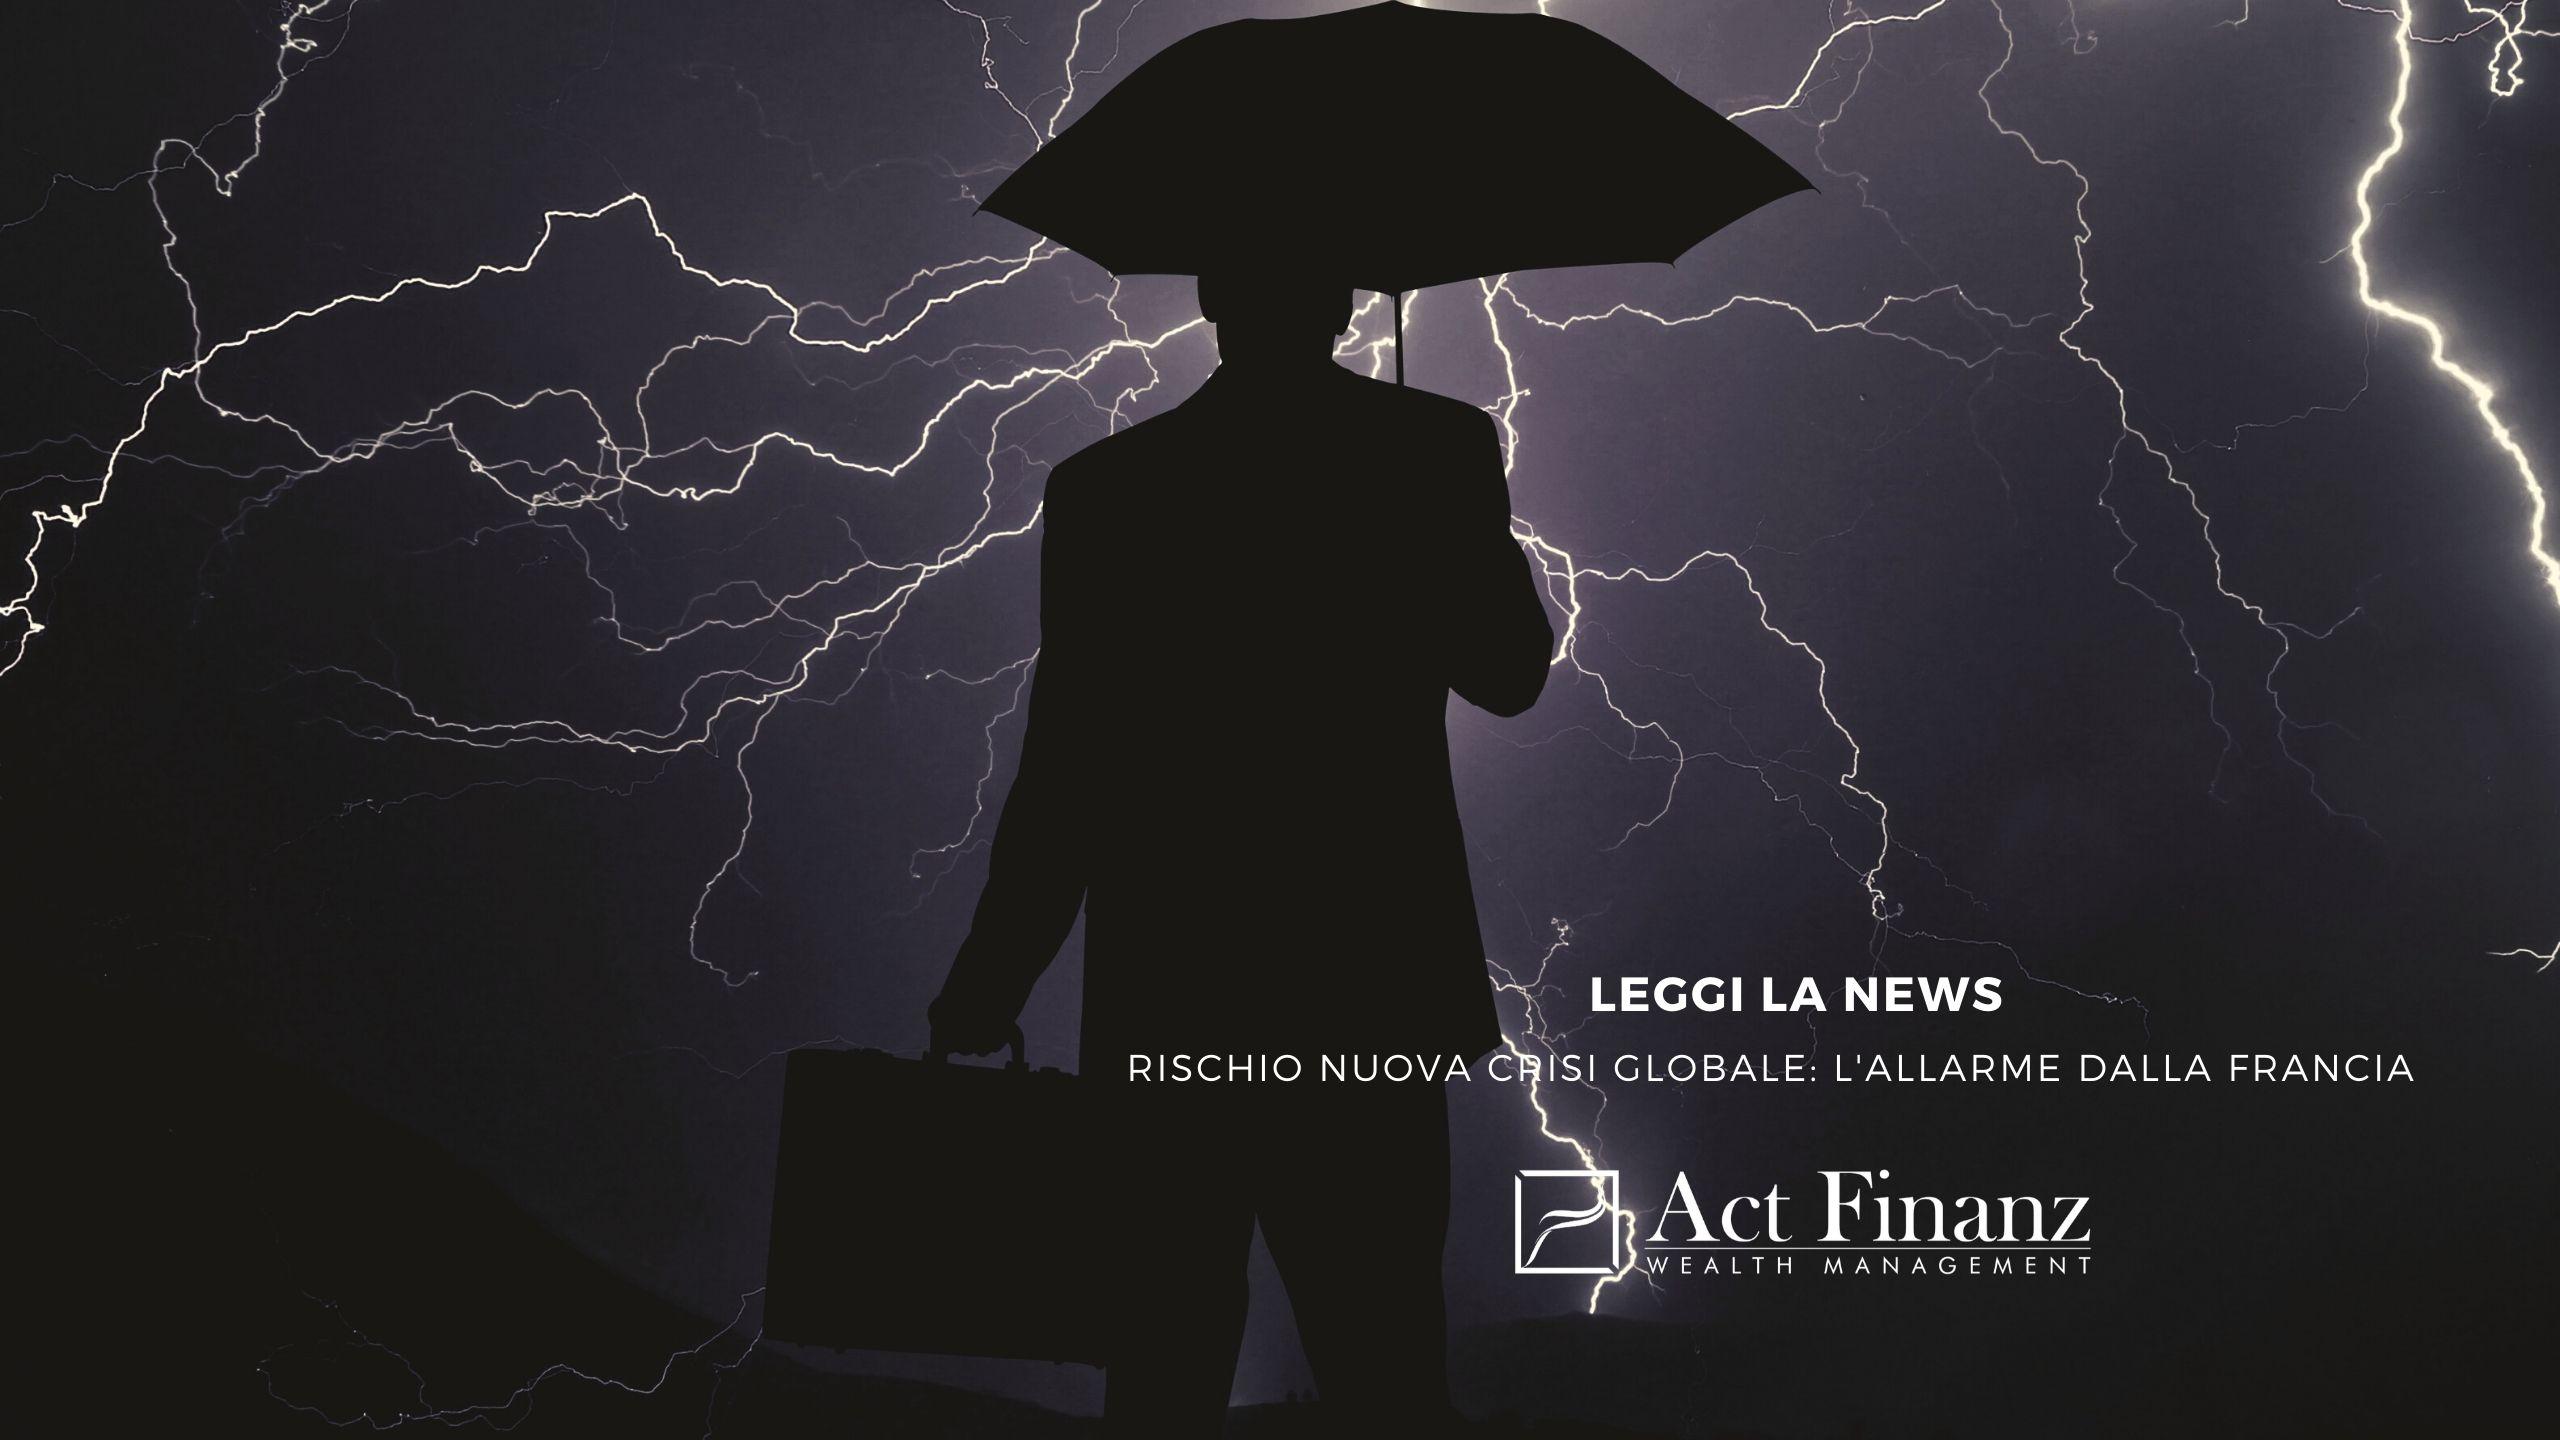 Rischio nuova crisi globale_ l'allarme dalla Francia. act finanz gestori patrimoniali(1)